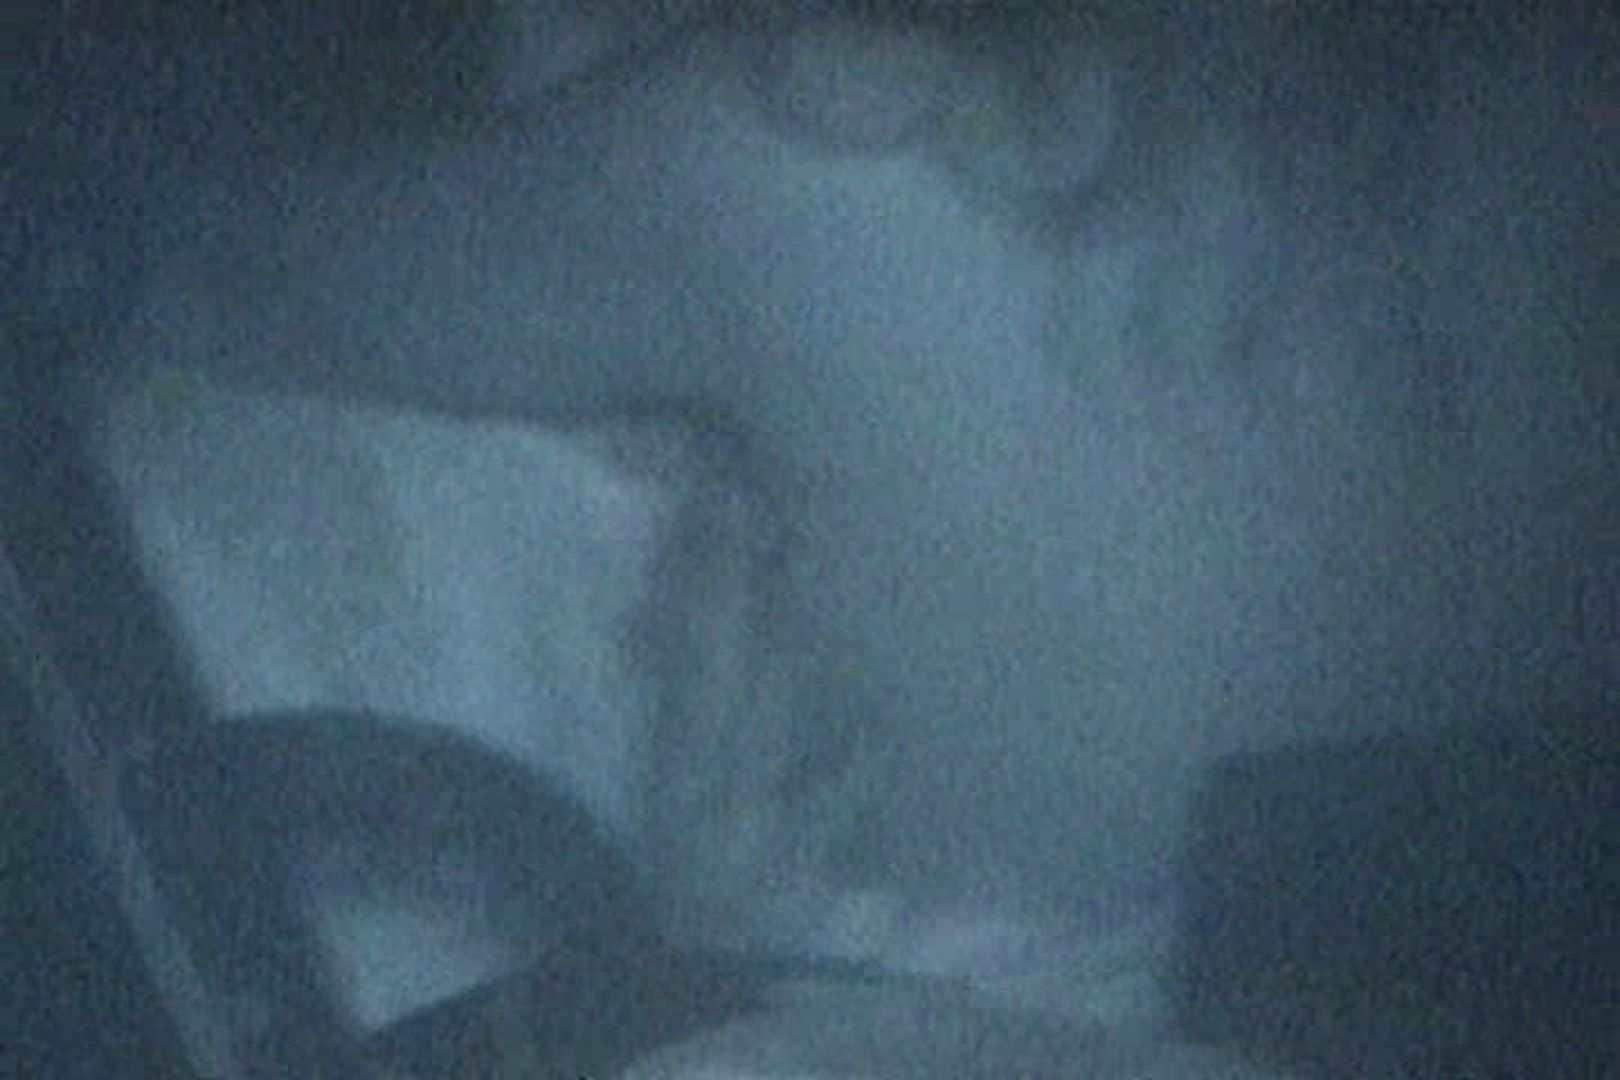 充血監督の深夜の運動会Vol.146 カップルのセックス エロ画像 94PIX 62